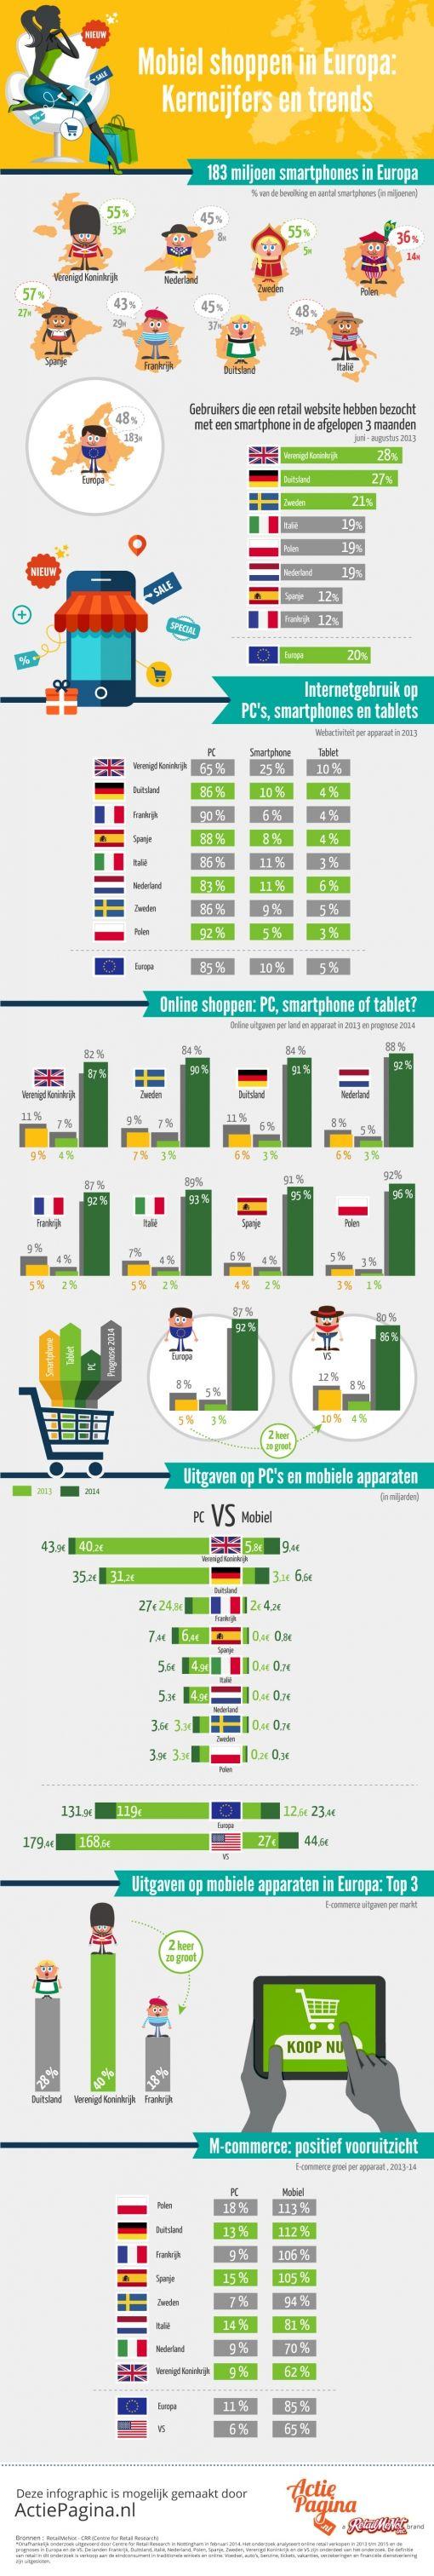 RetailMeNot_Mobile_infographic